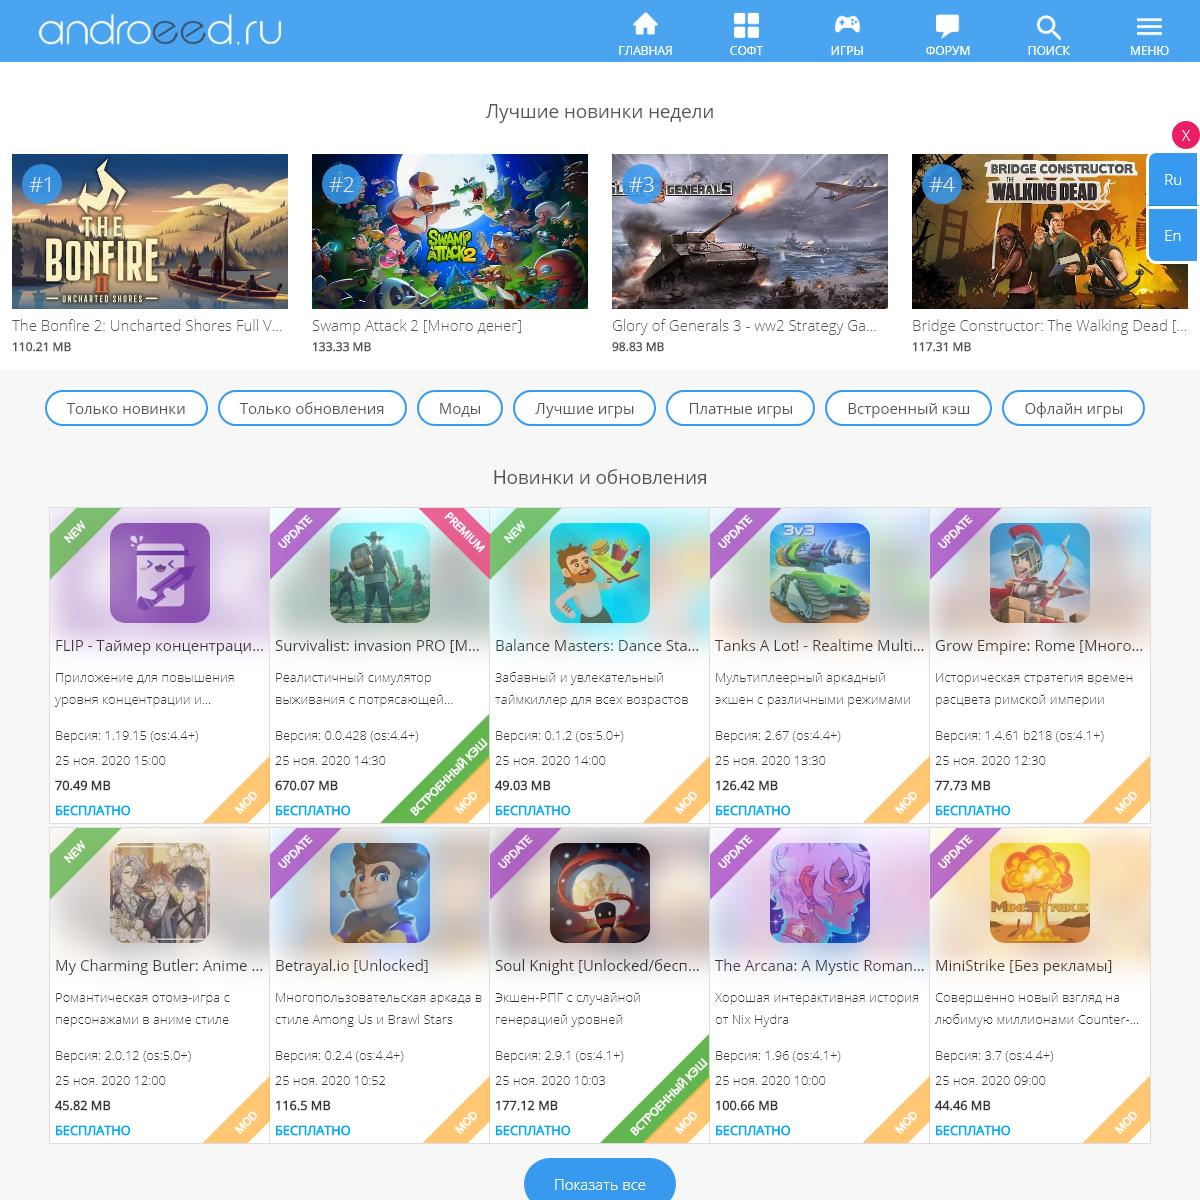 Скачать игры на андроид. Русский плей маркет - androeed.ru